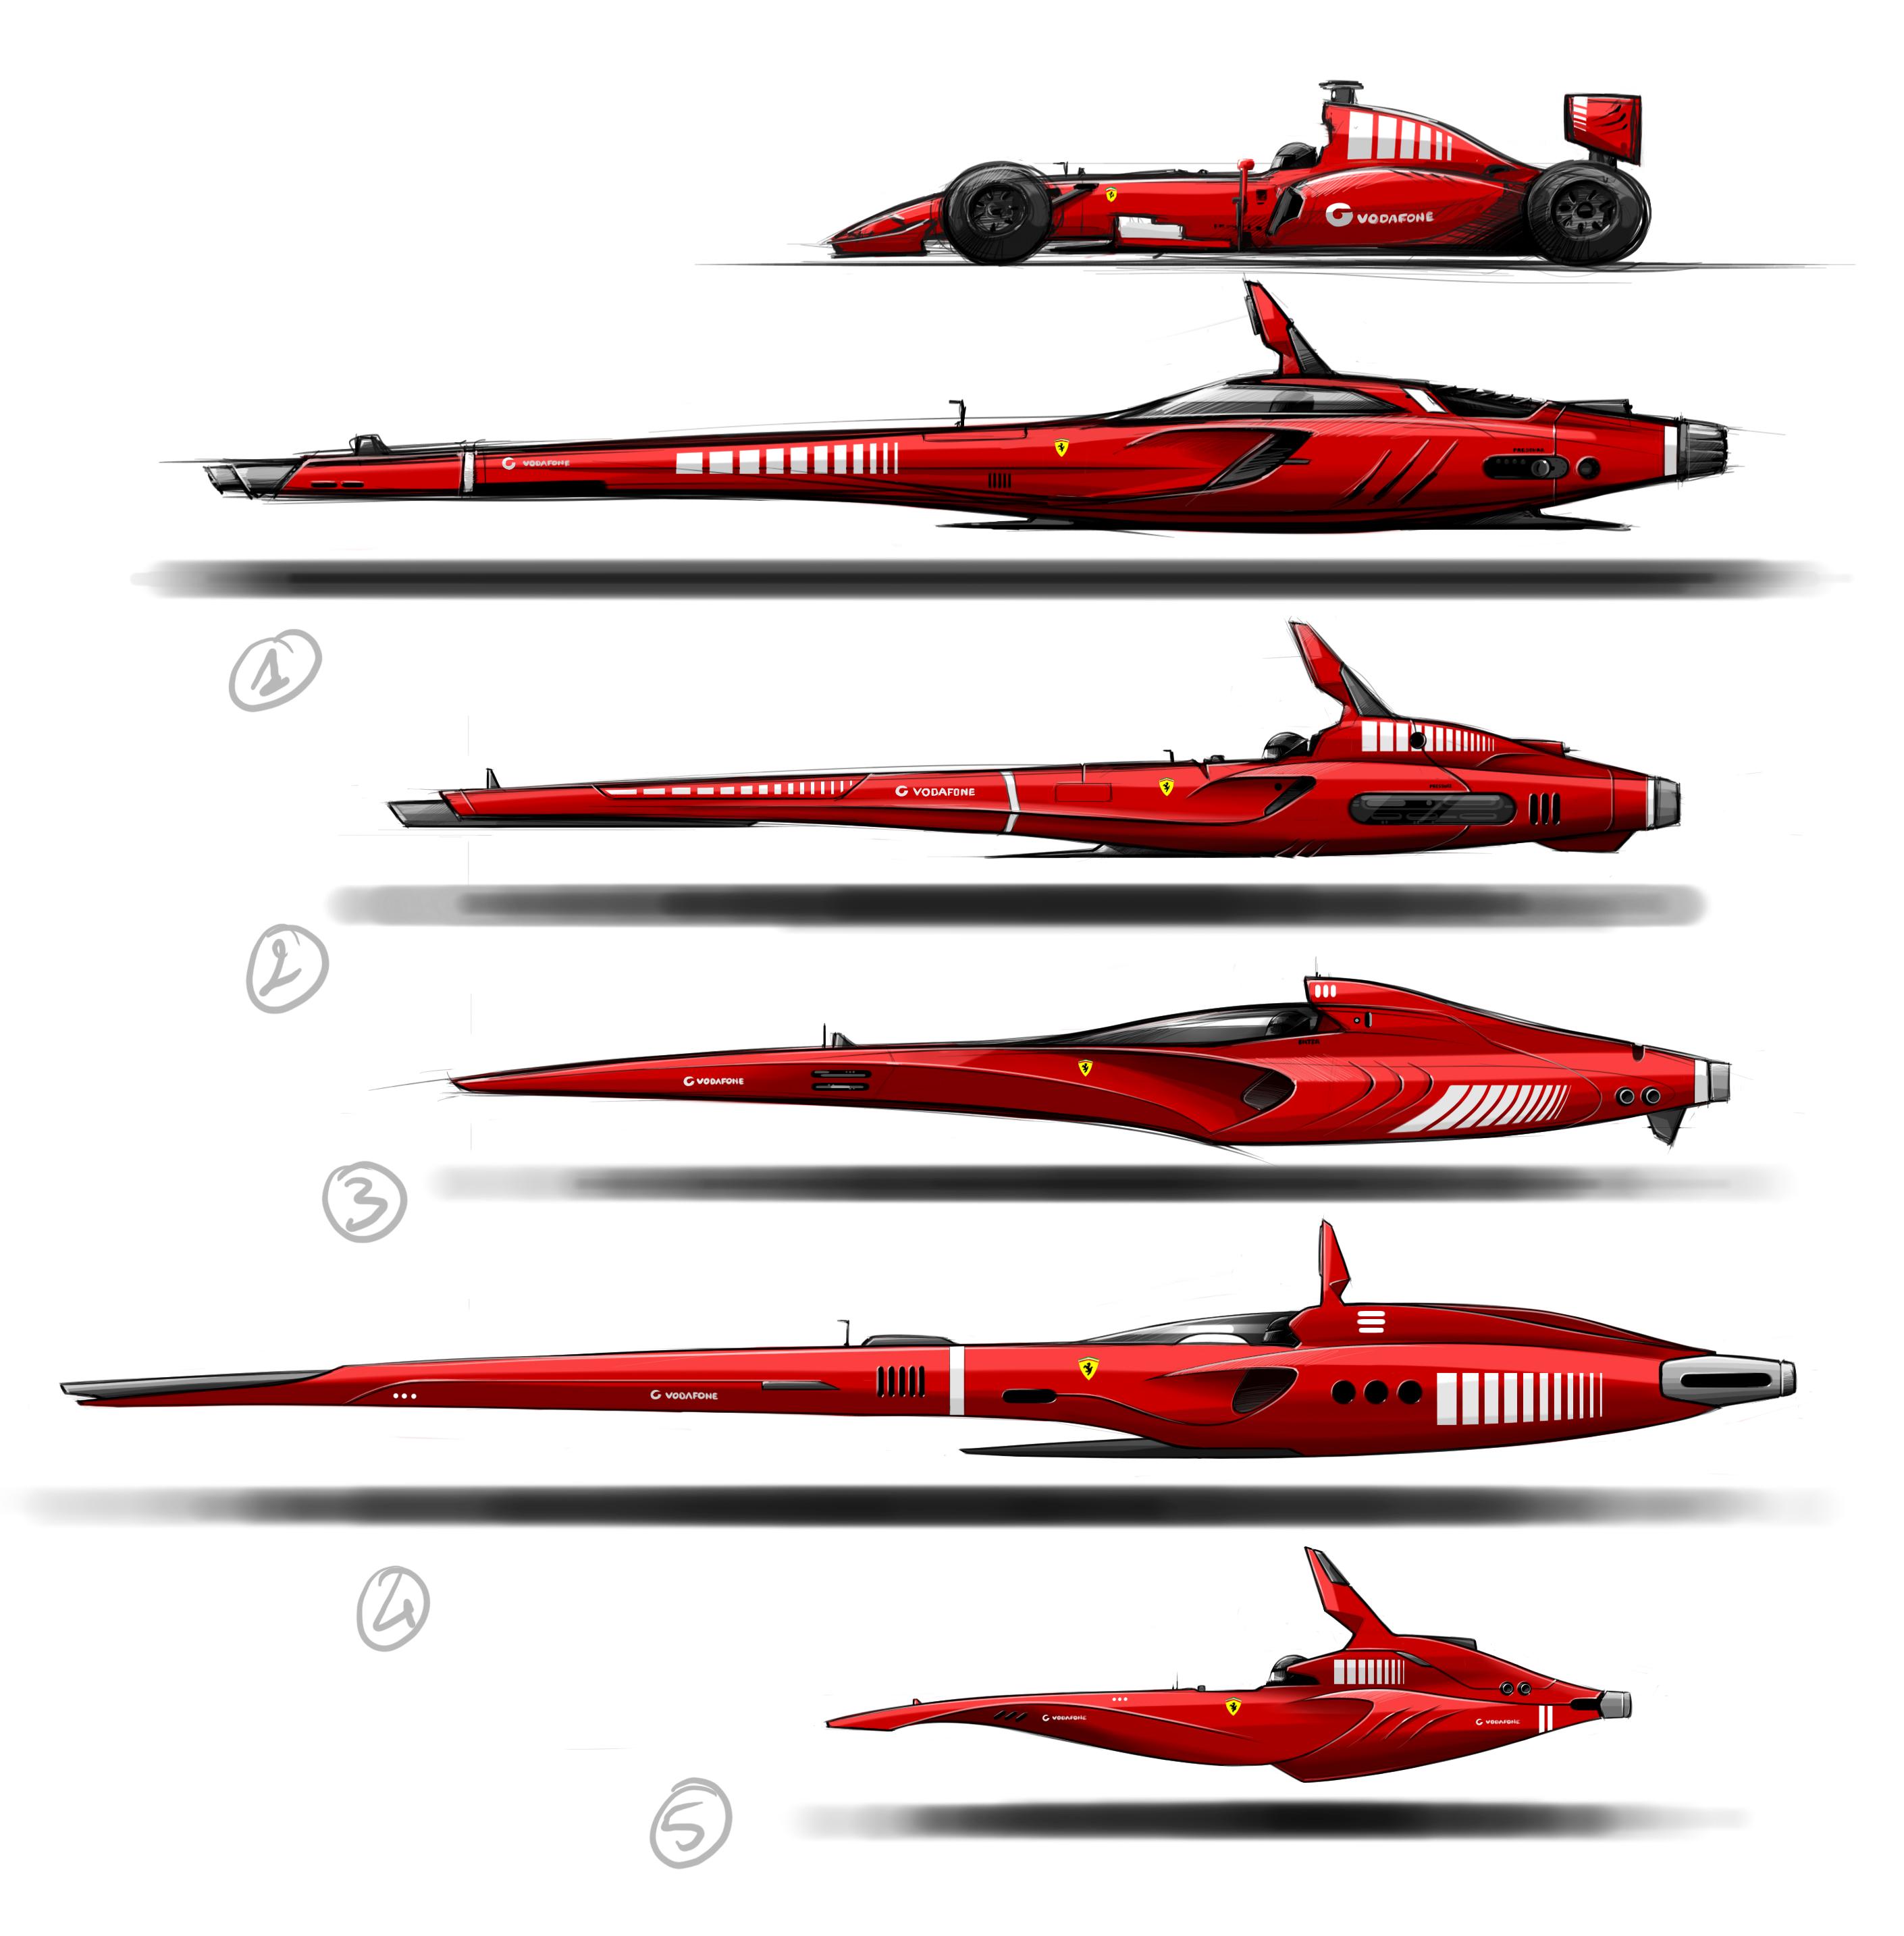 Spaceship ferrari